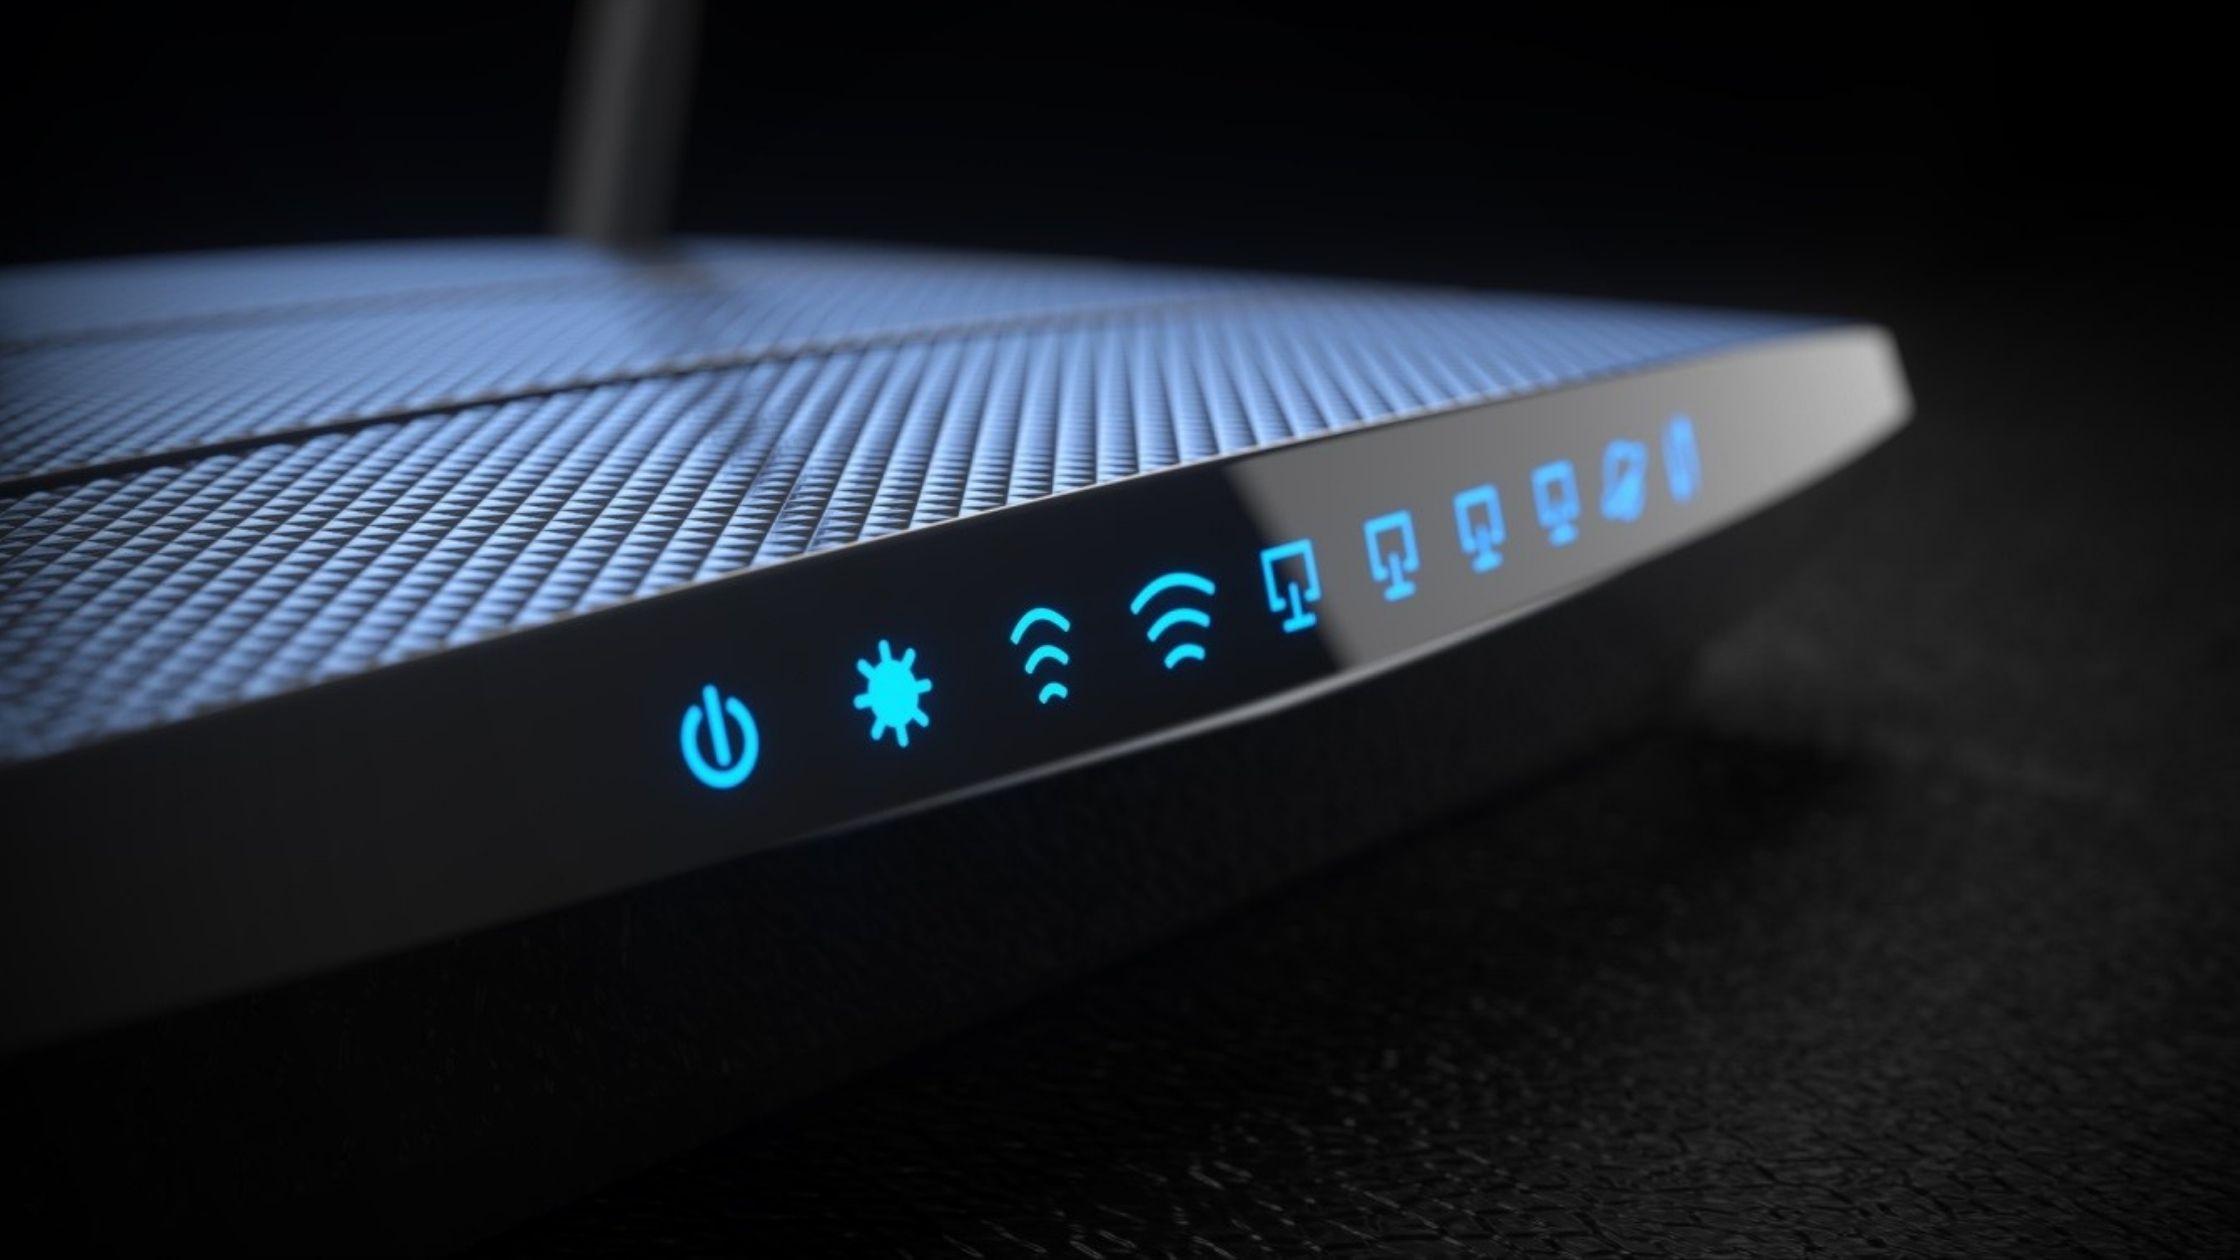 Wifi%2b 1